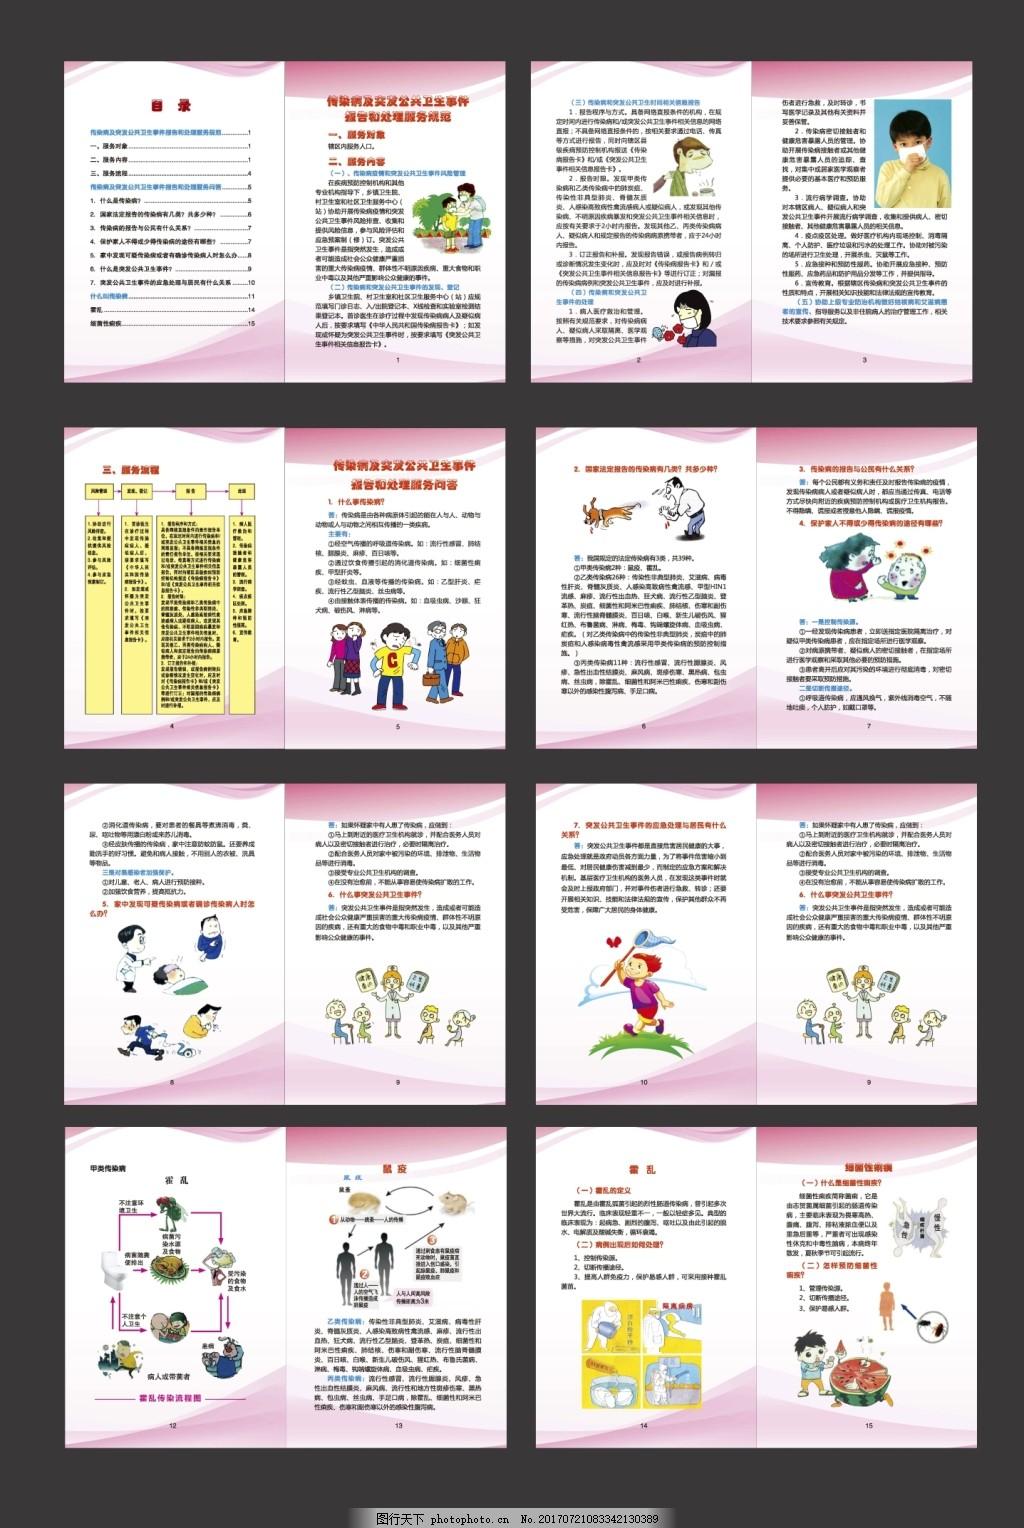 传染病宣传册画册设计模板